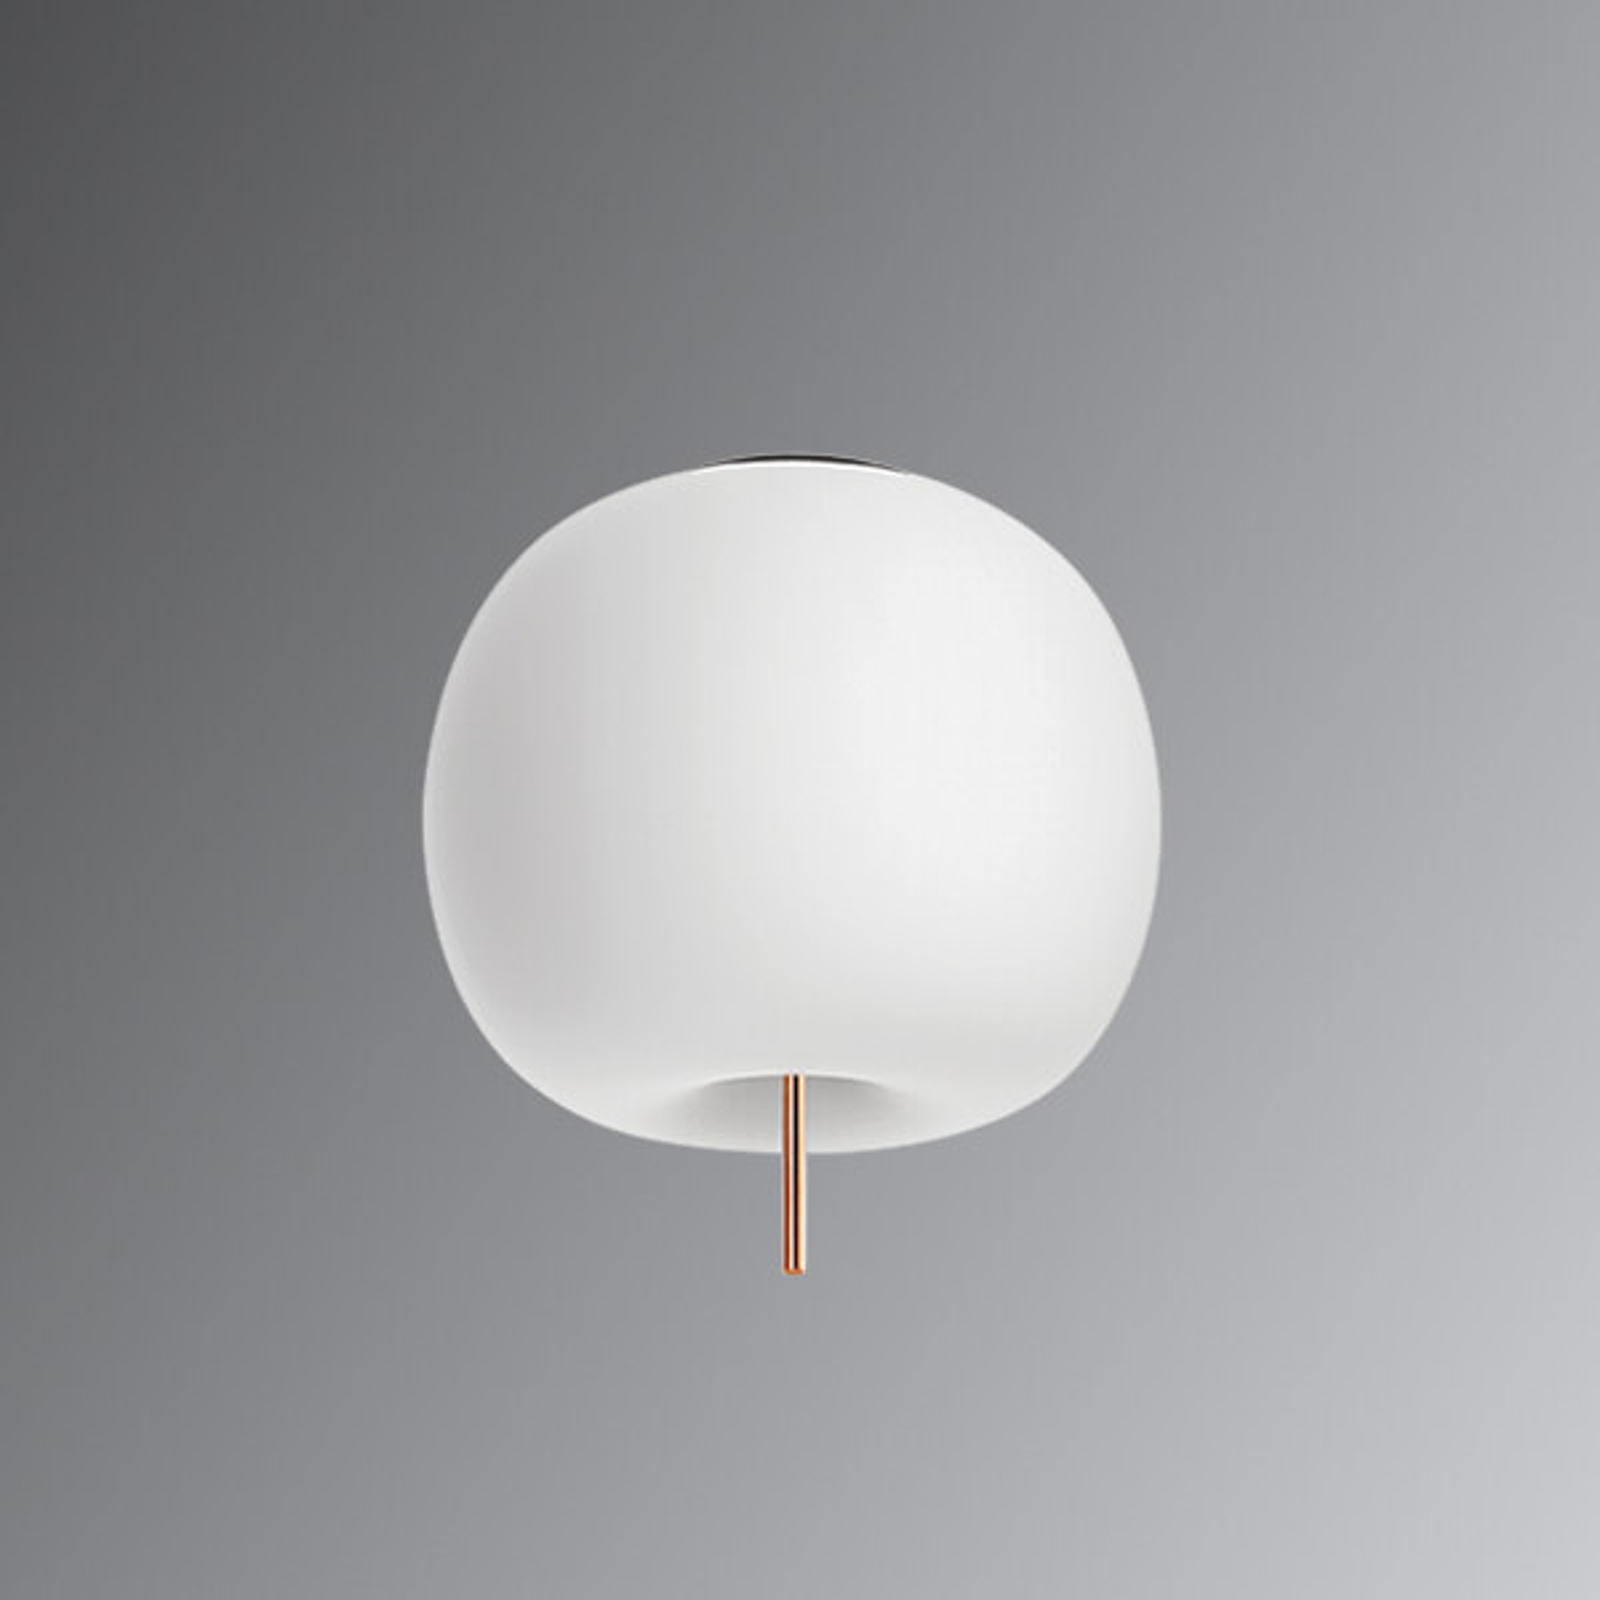 Kundalini Kushi - LED plafondlamp koper 33 cm